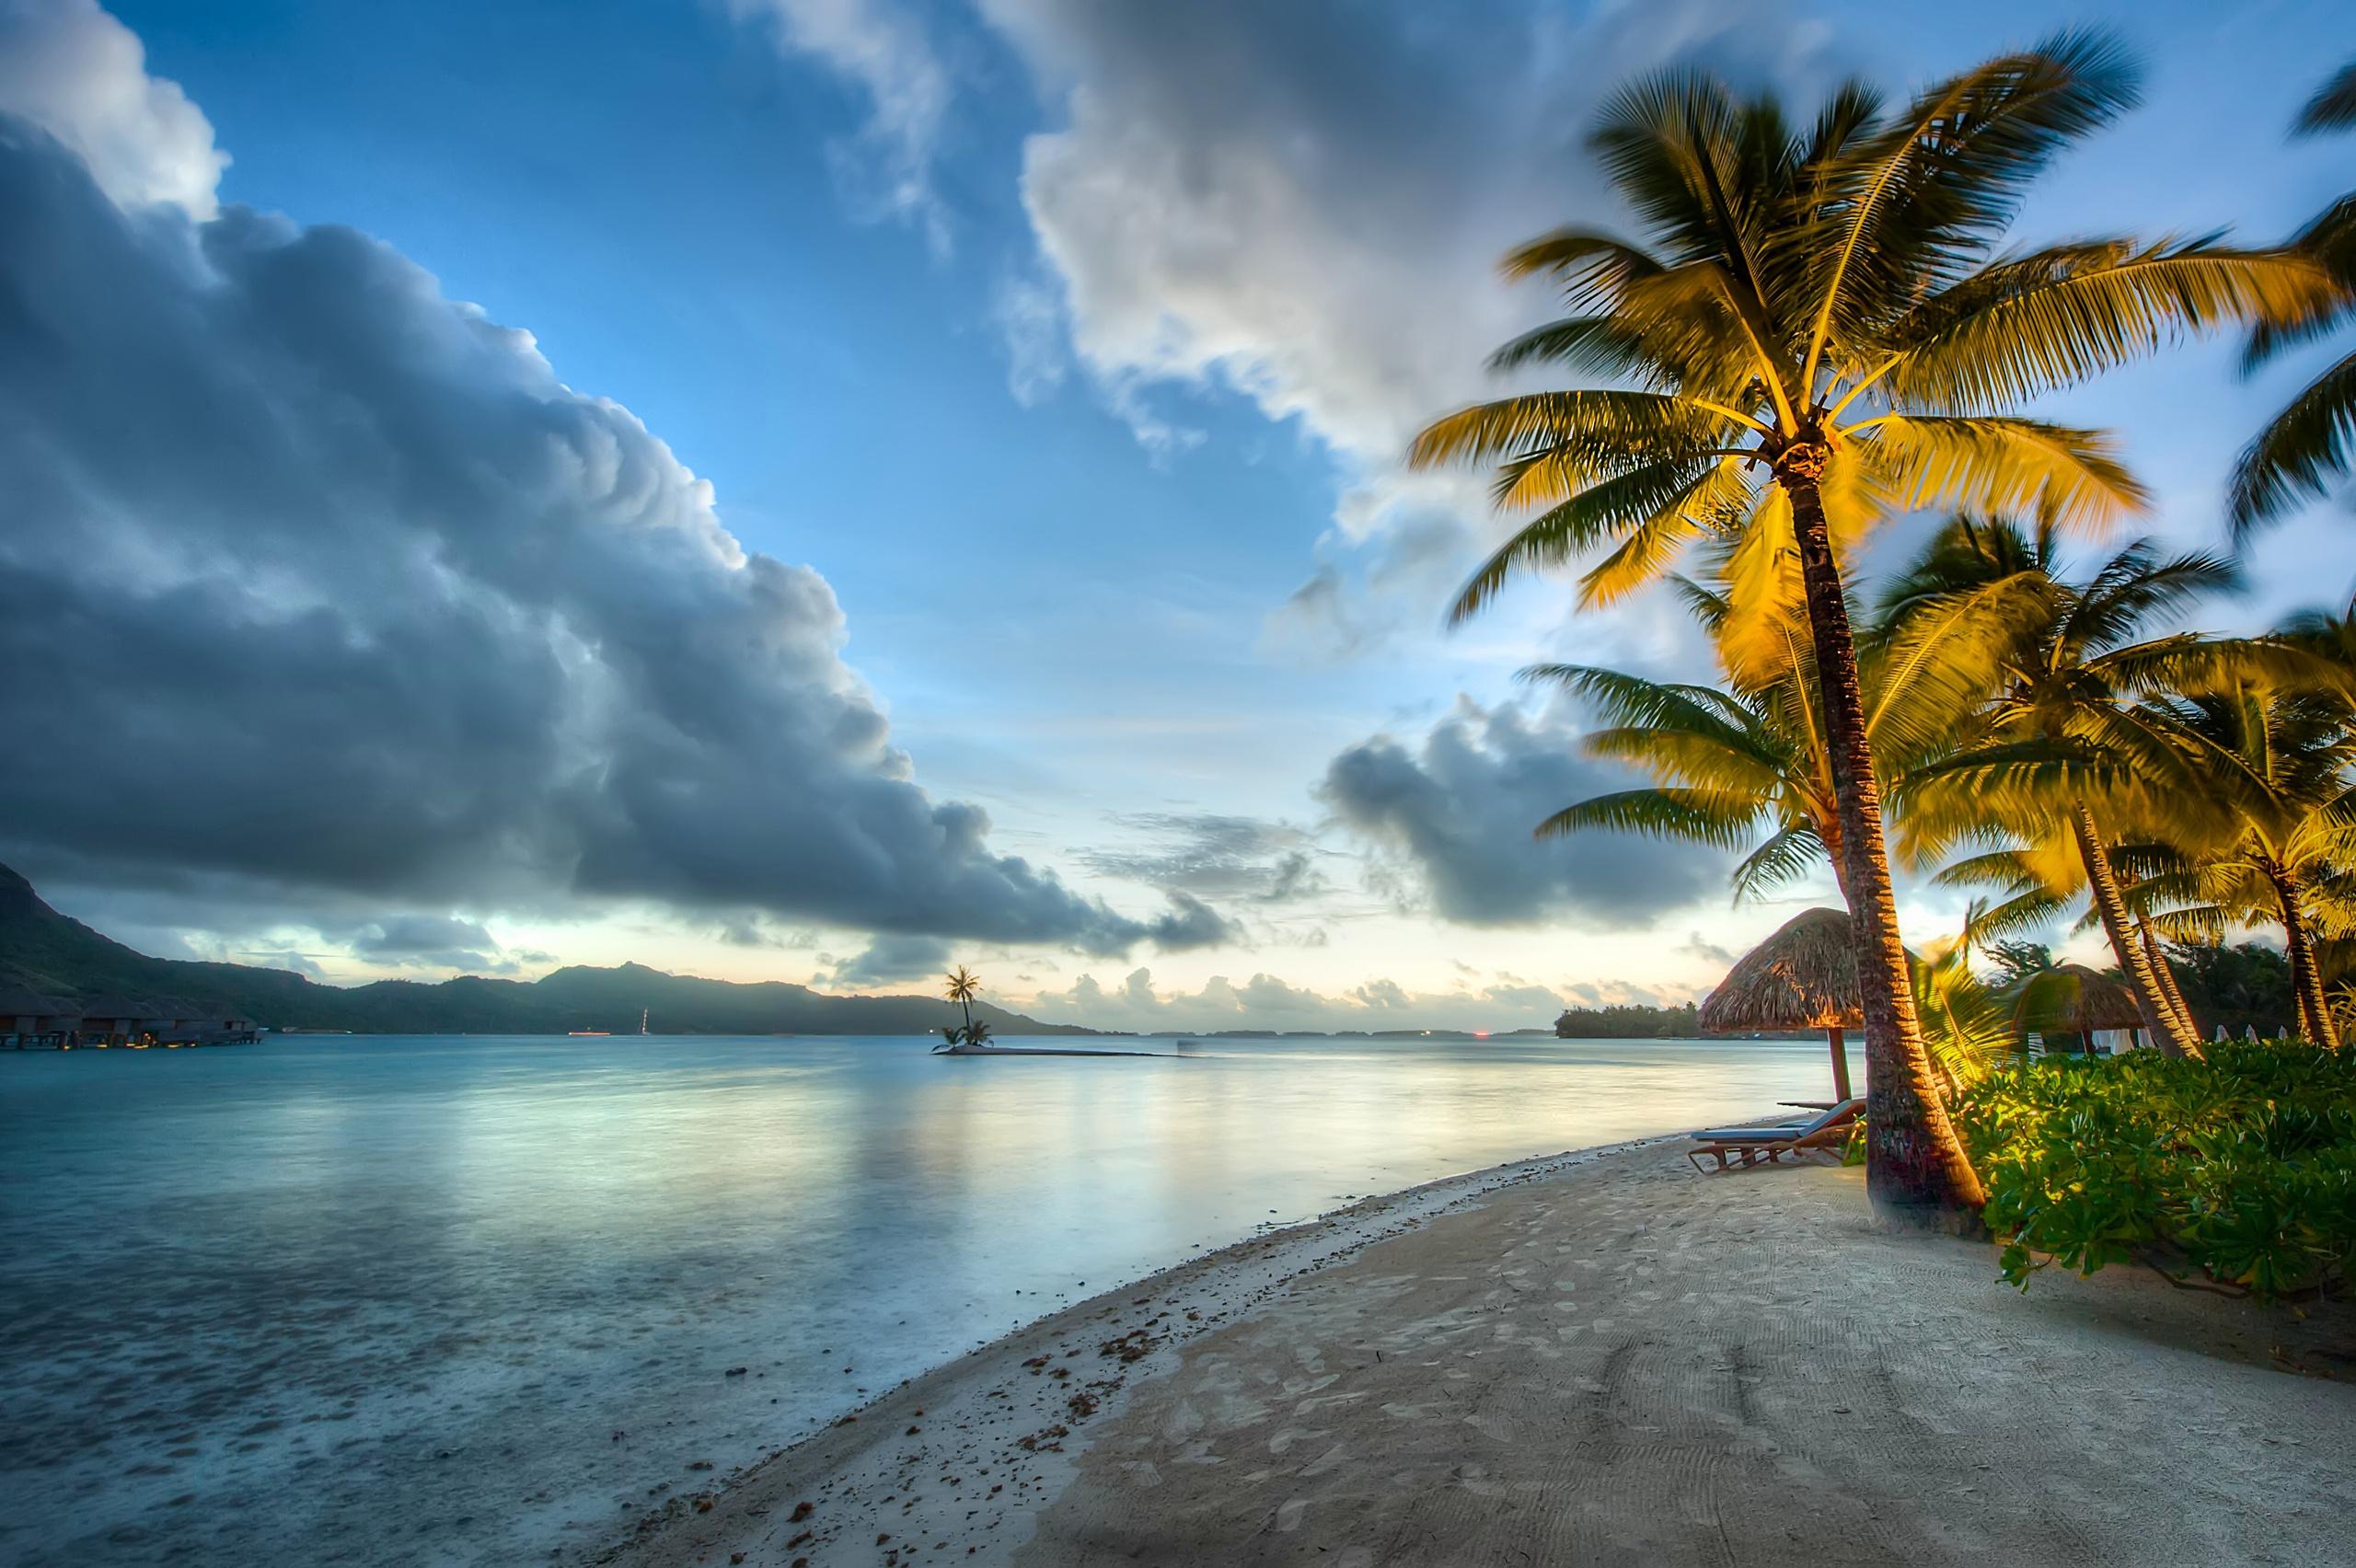 берег океана с пальмами фото всячески